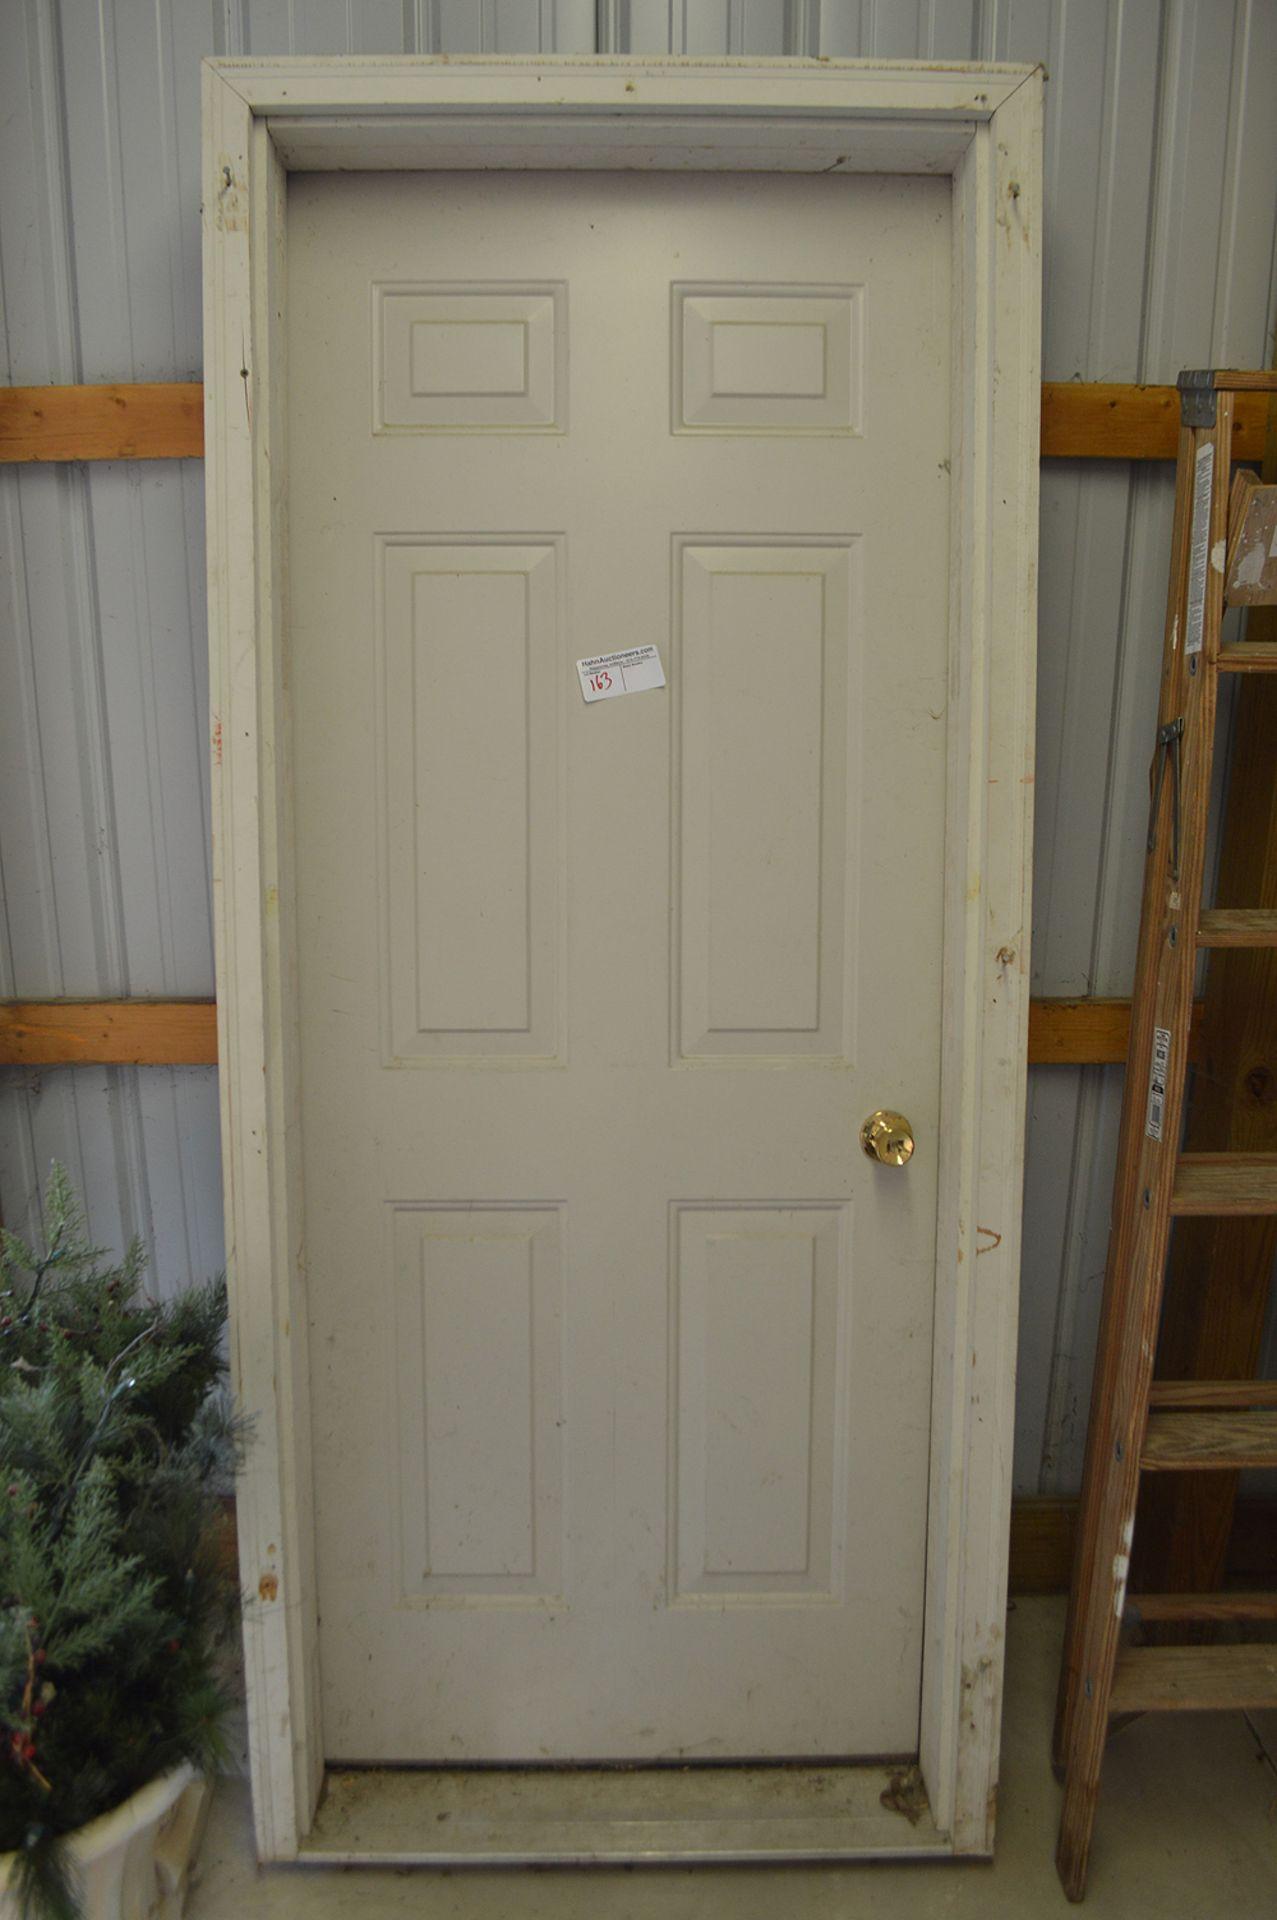 Lot 163 - EXTERIOR DOOR IN FRAME, 28 LEFT HAND